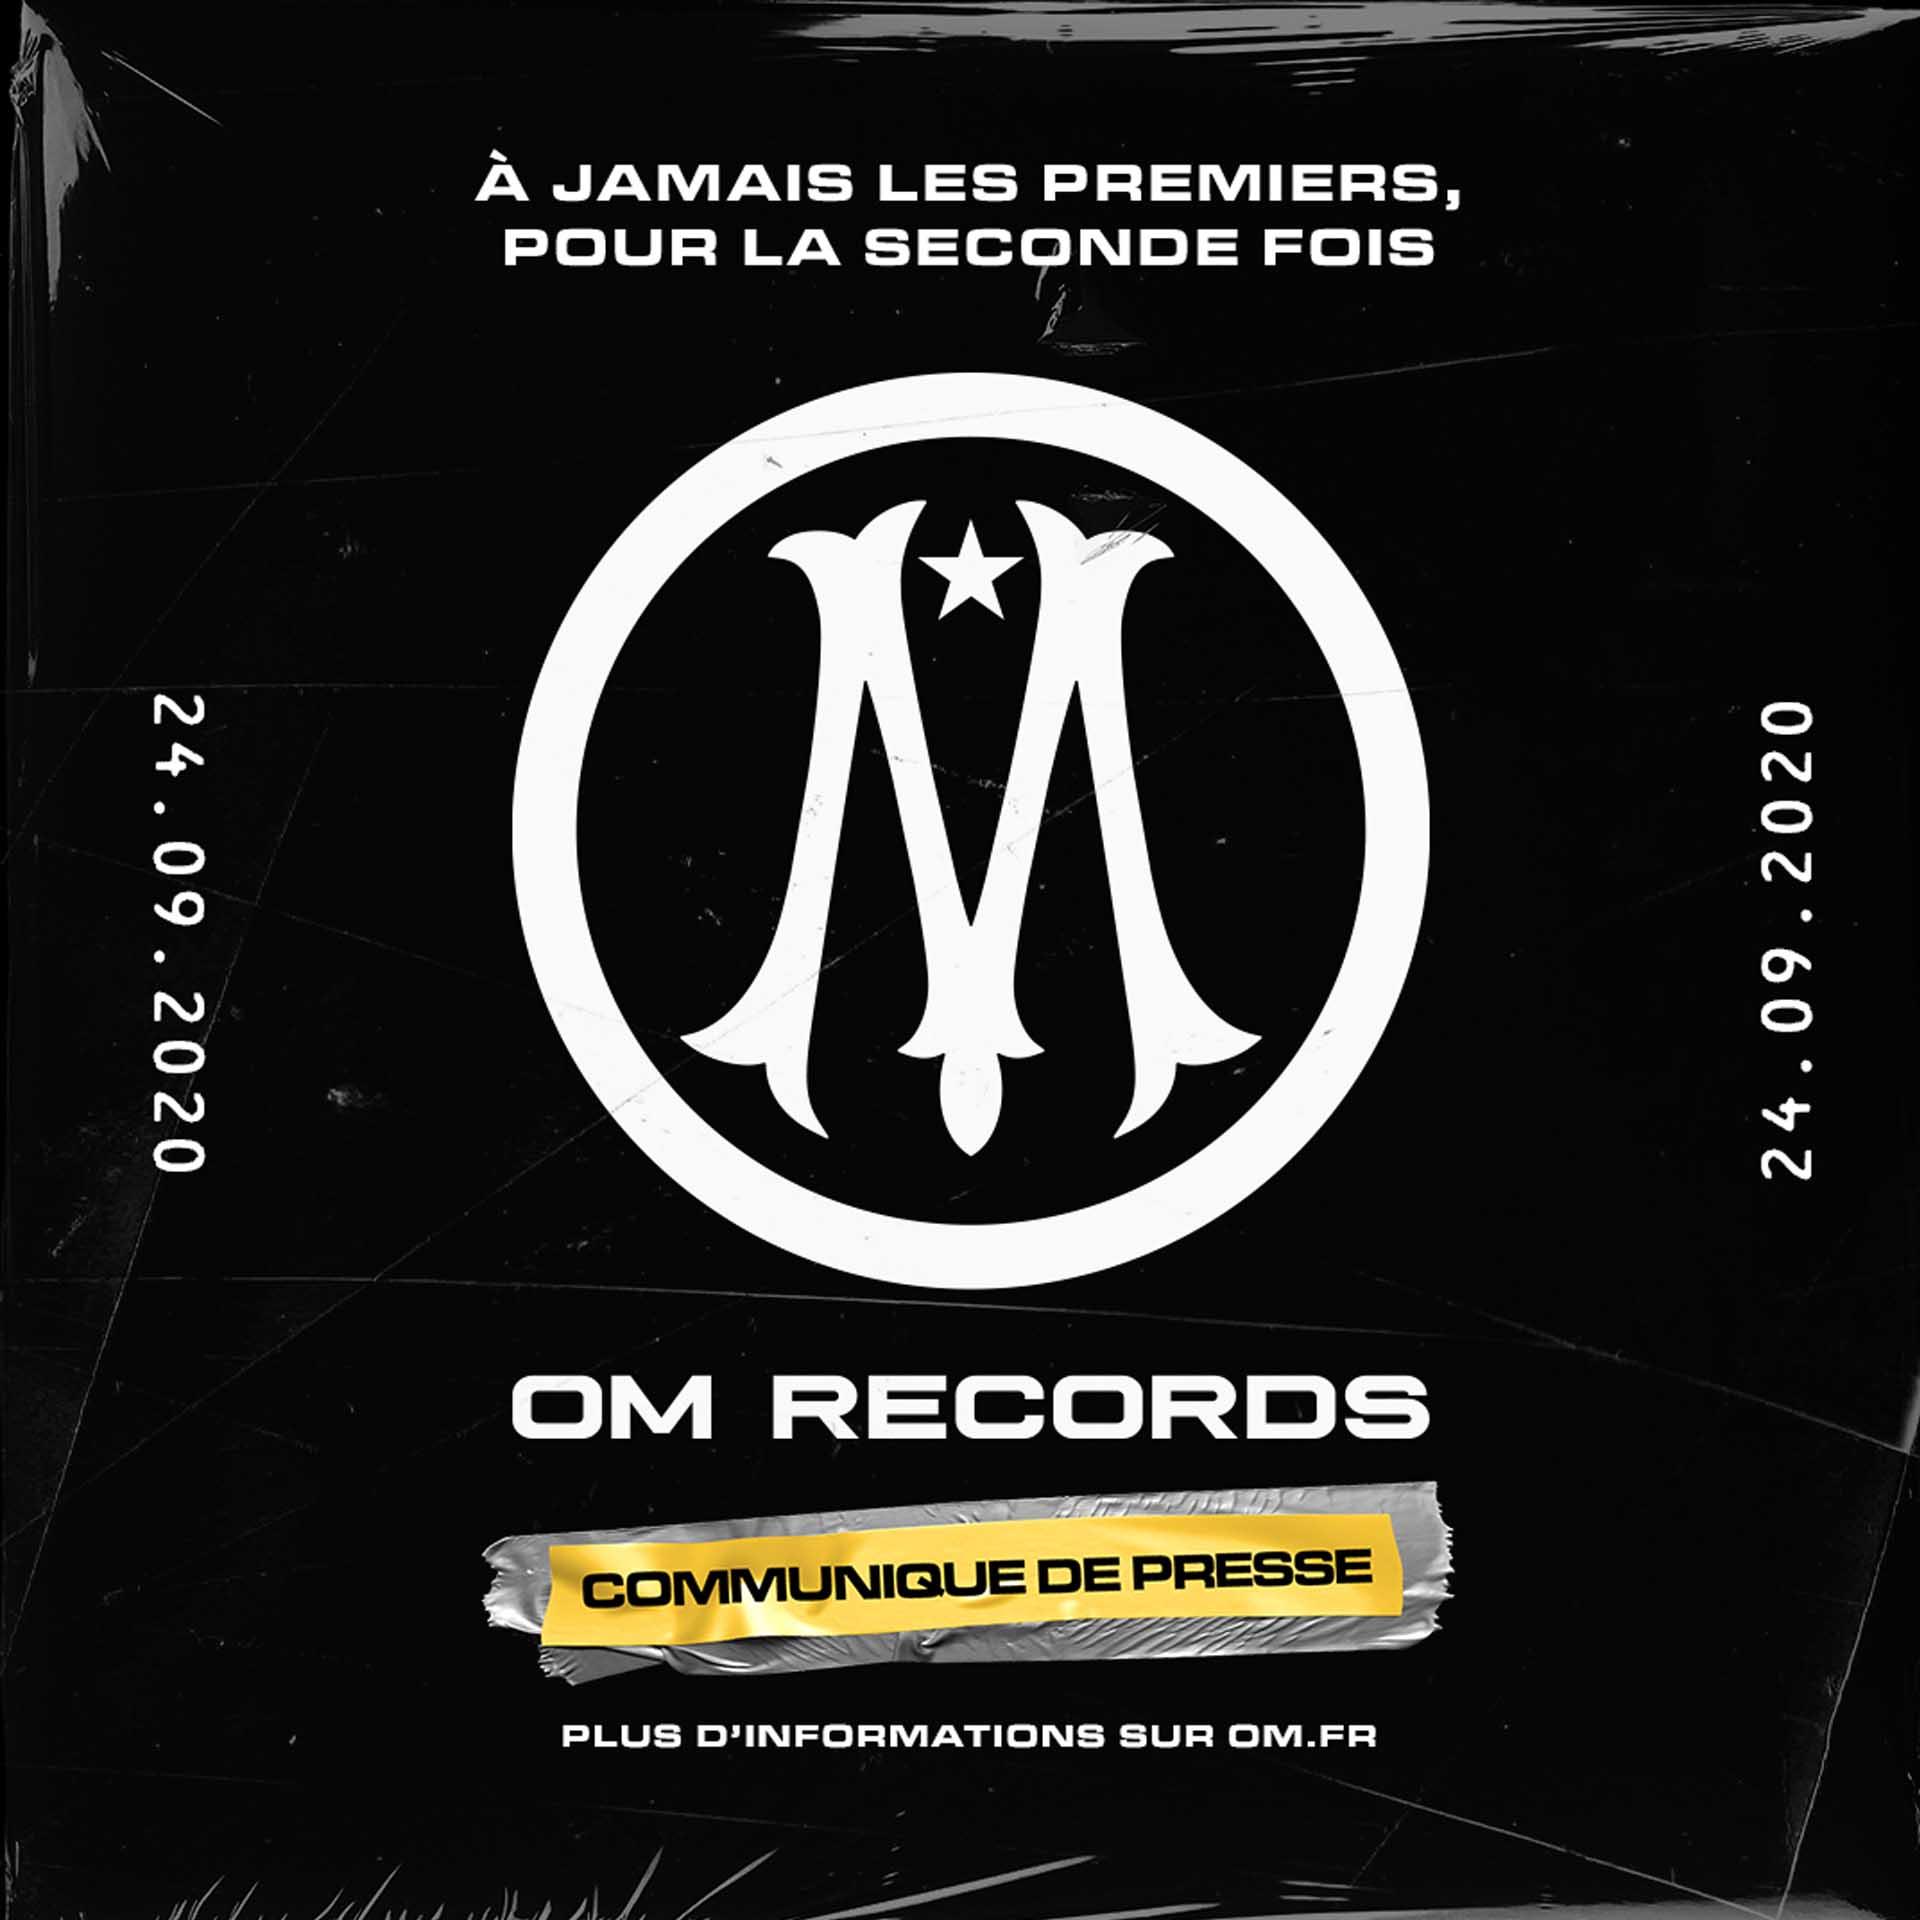 L'OM se lance dans la vente de disques